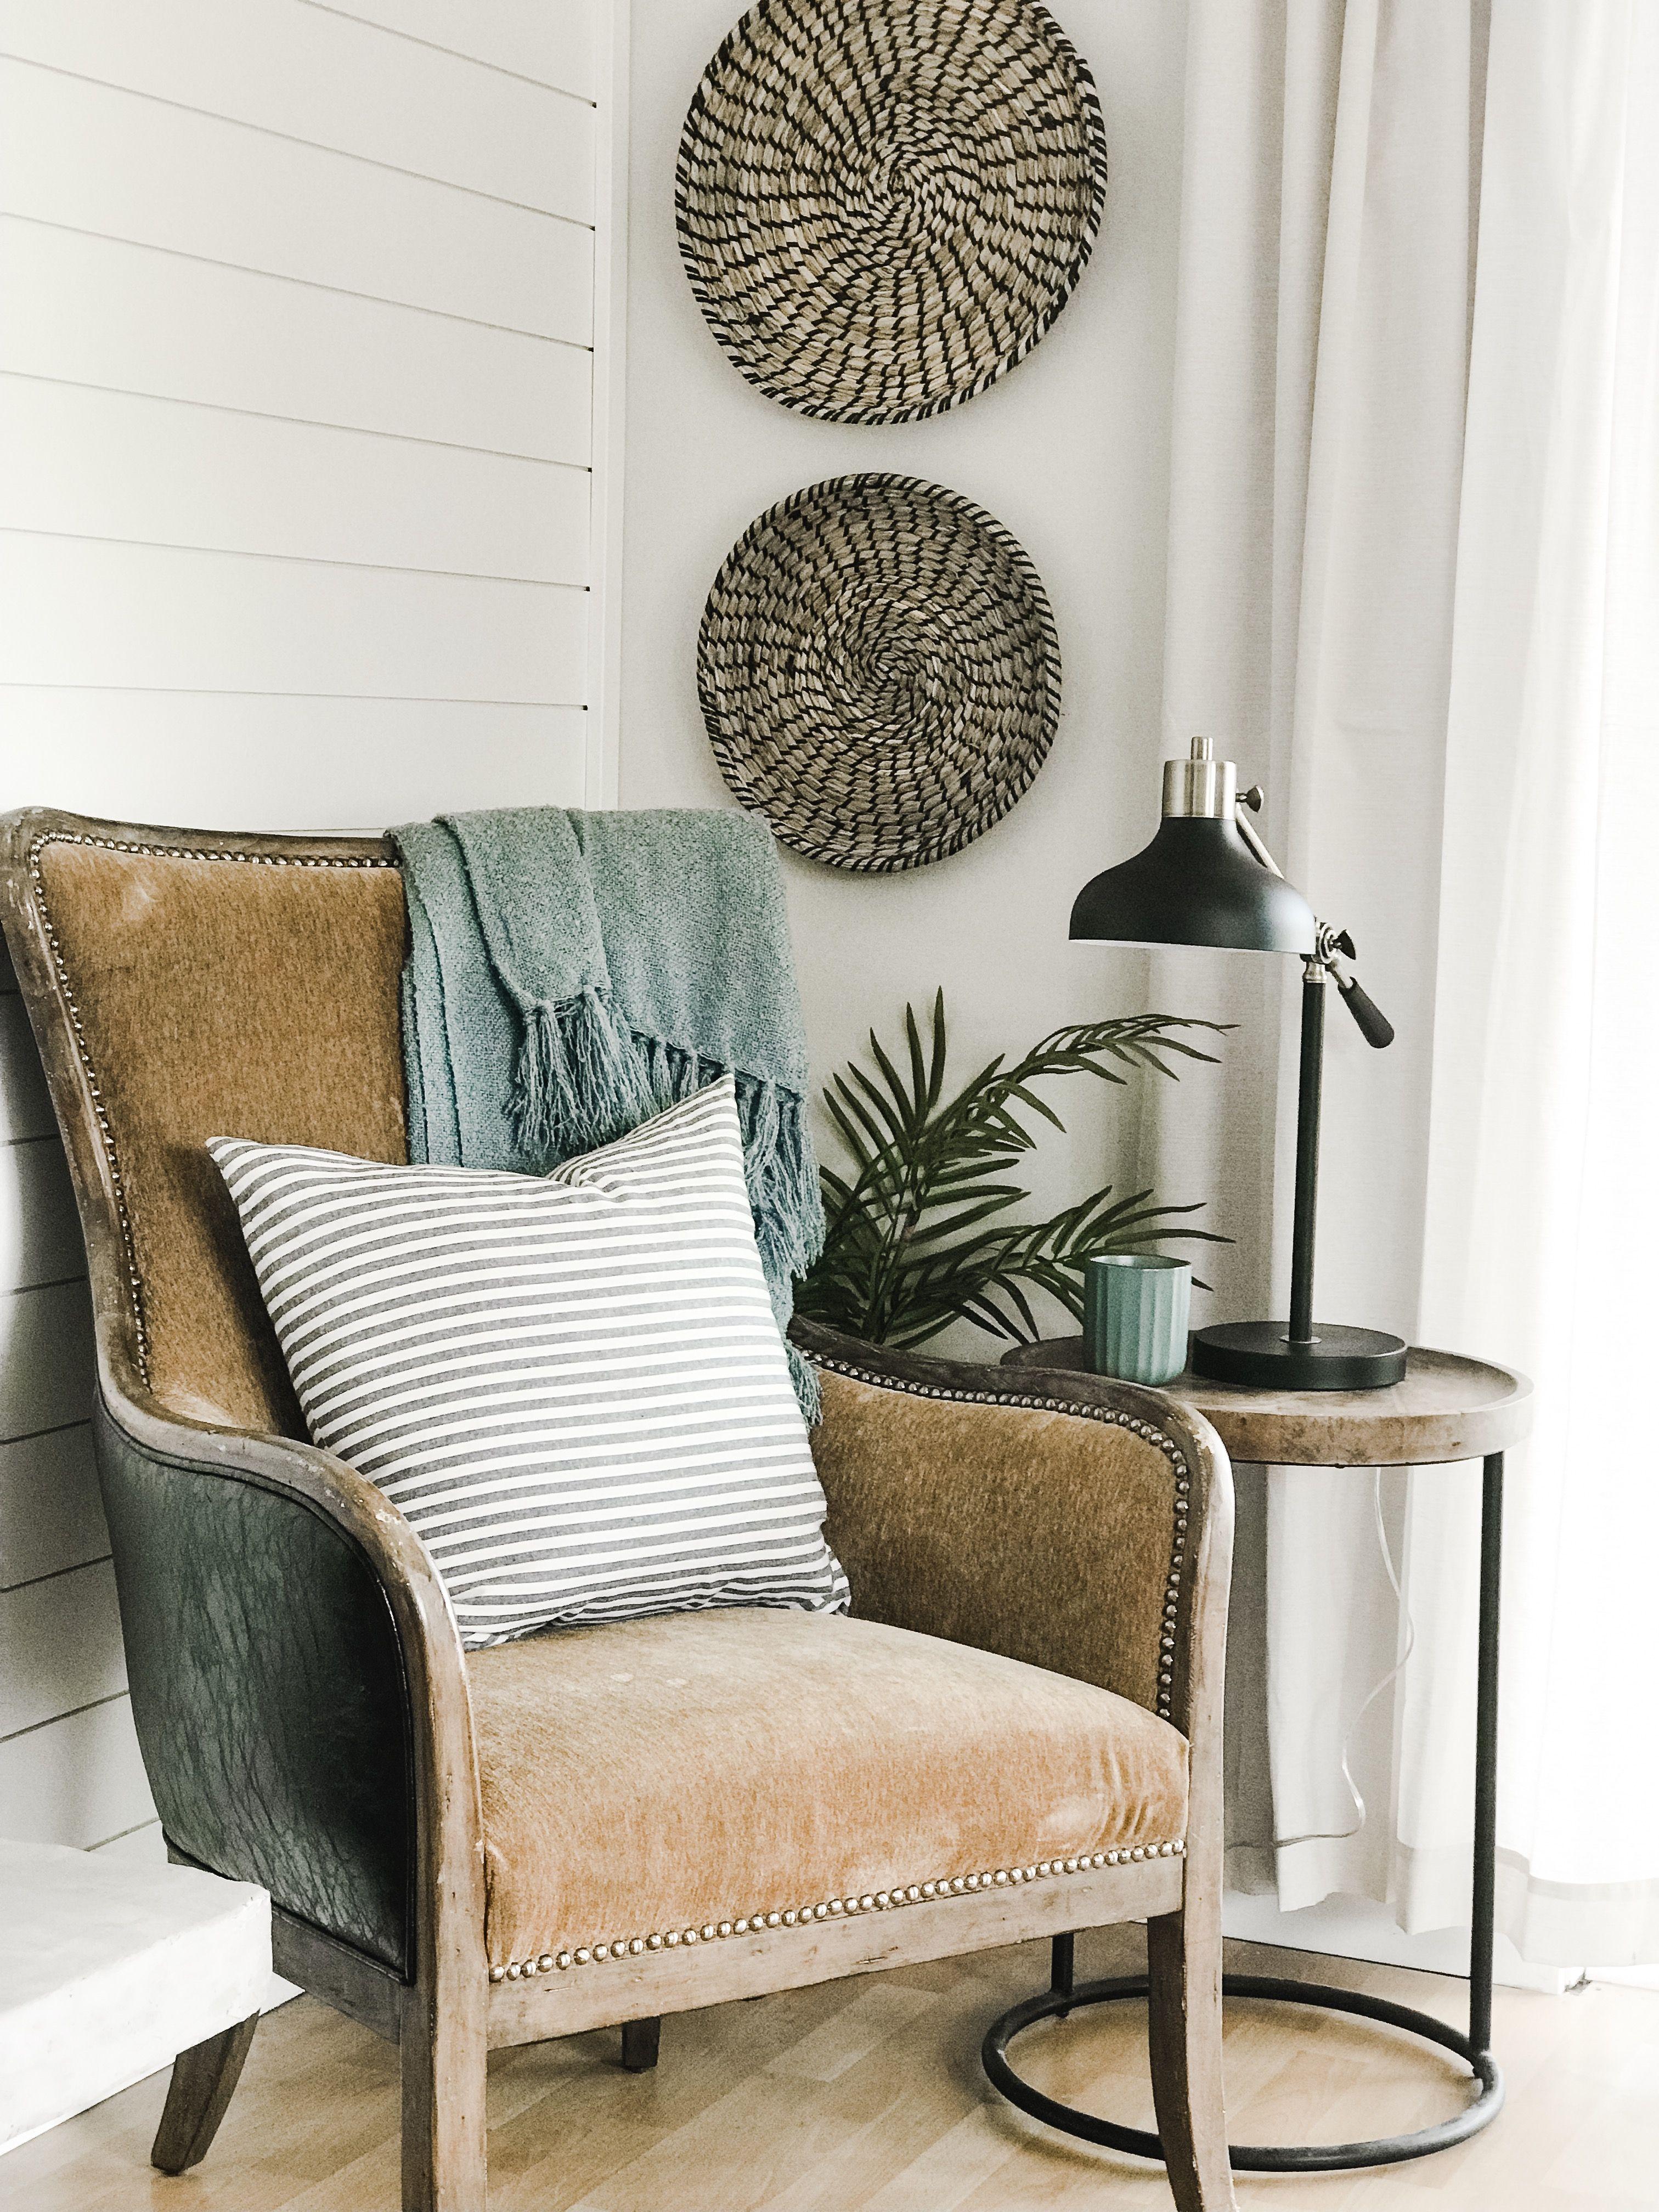 43+ Farmhouse bedroom chair ideas